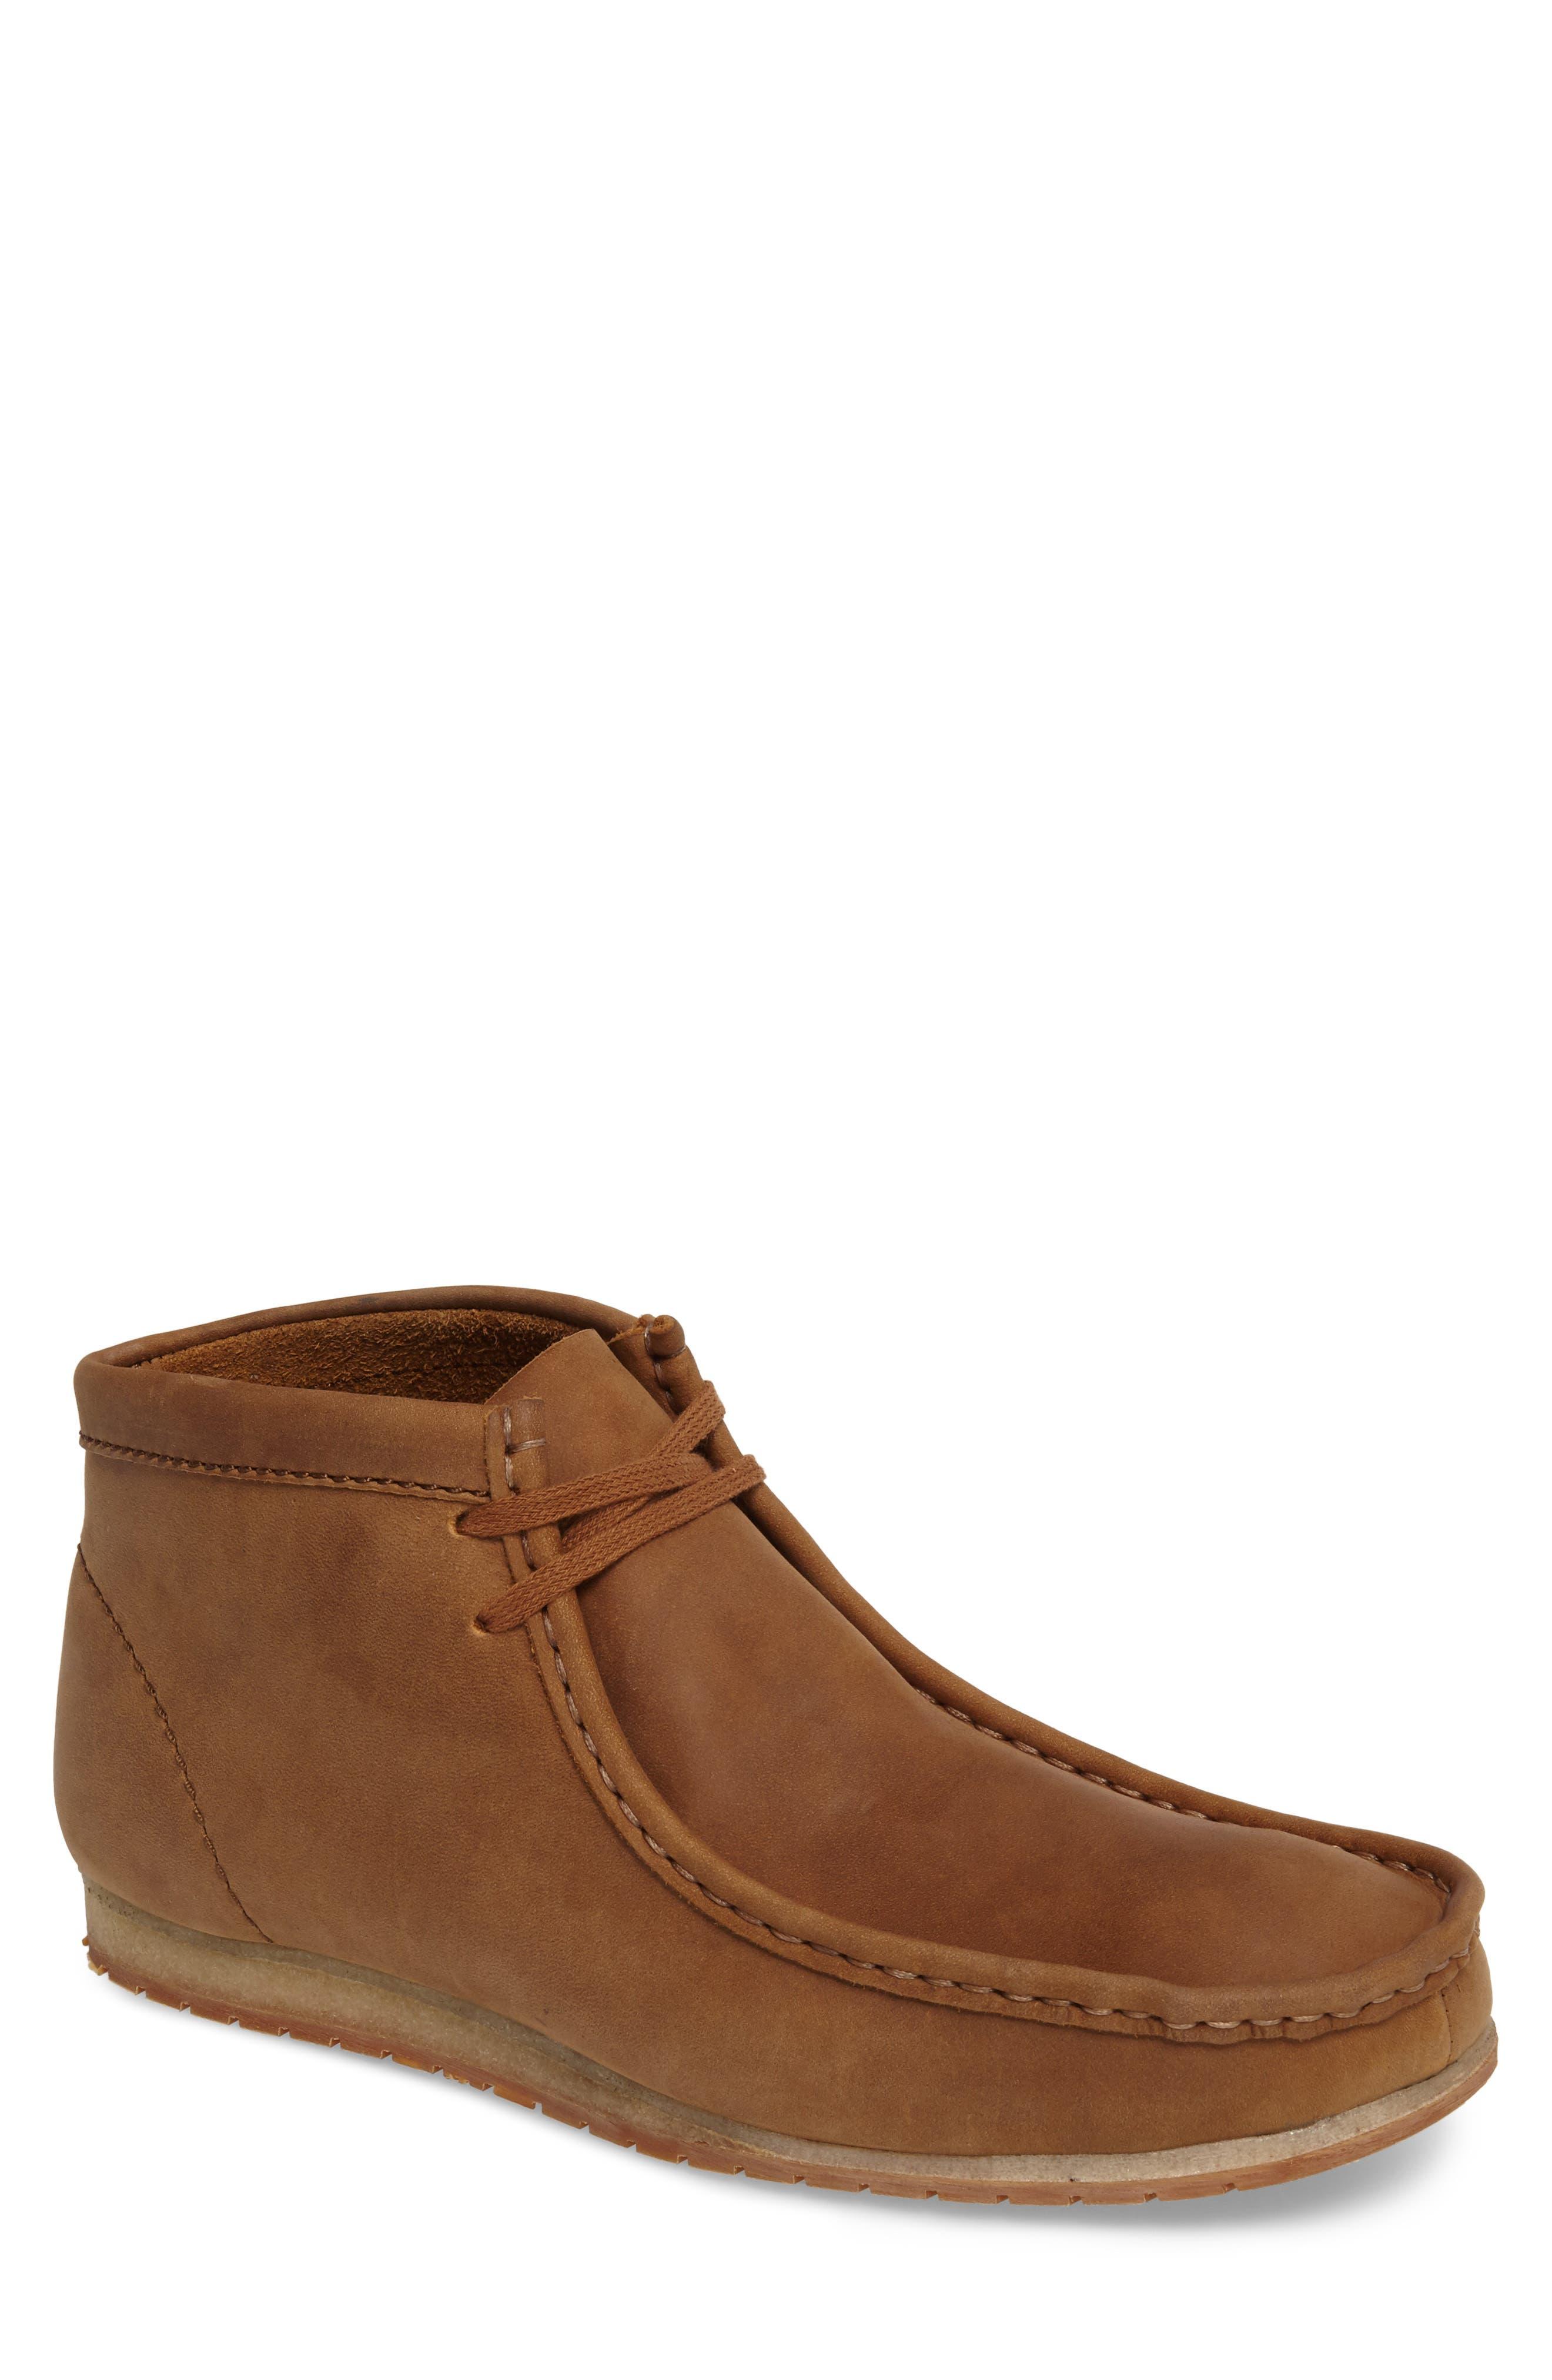 Clarks Wallabee Moc Toe Boot (Men)